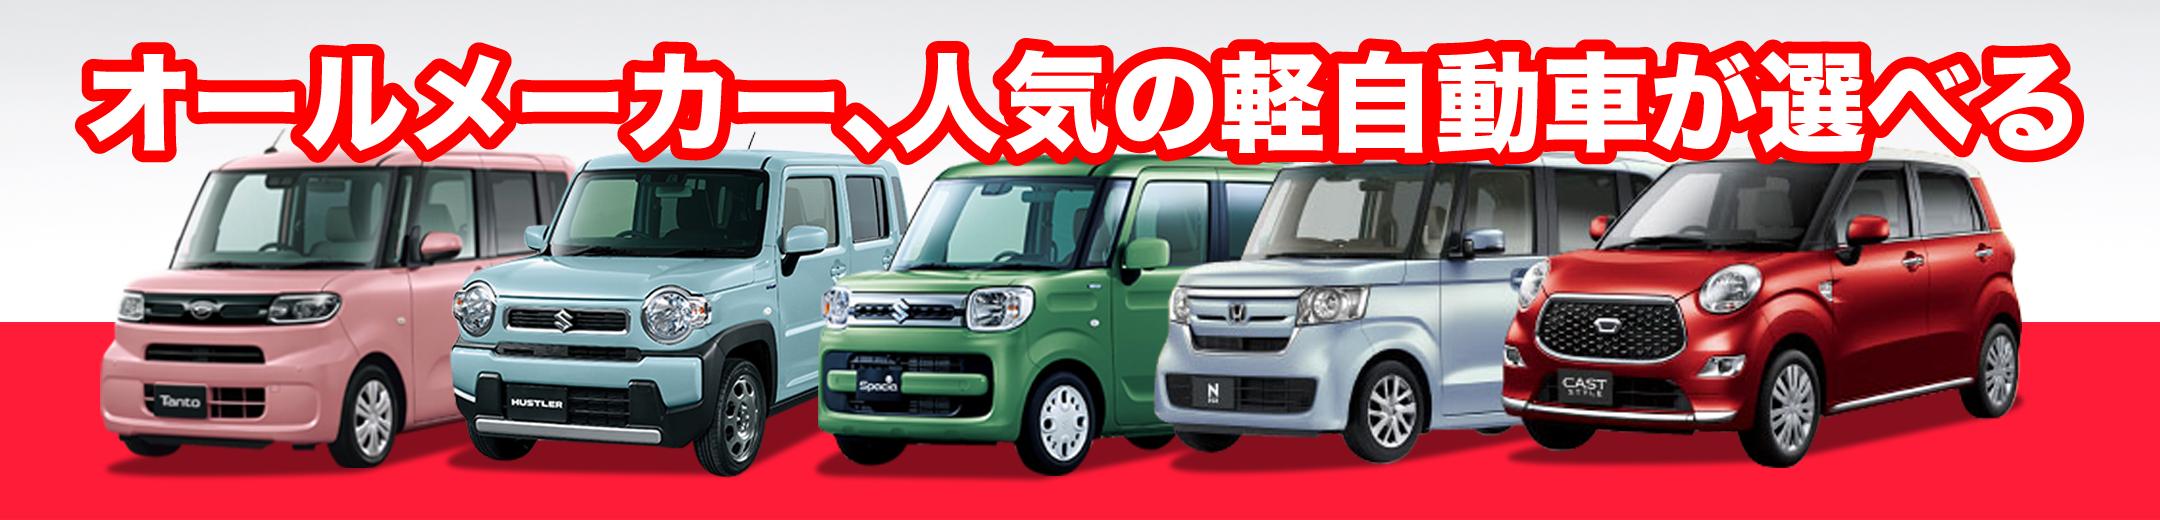 フラット7大牟田市の人気カーリース車両を探す